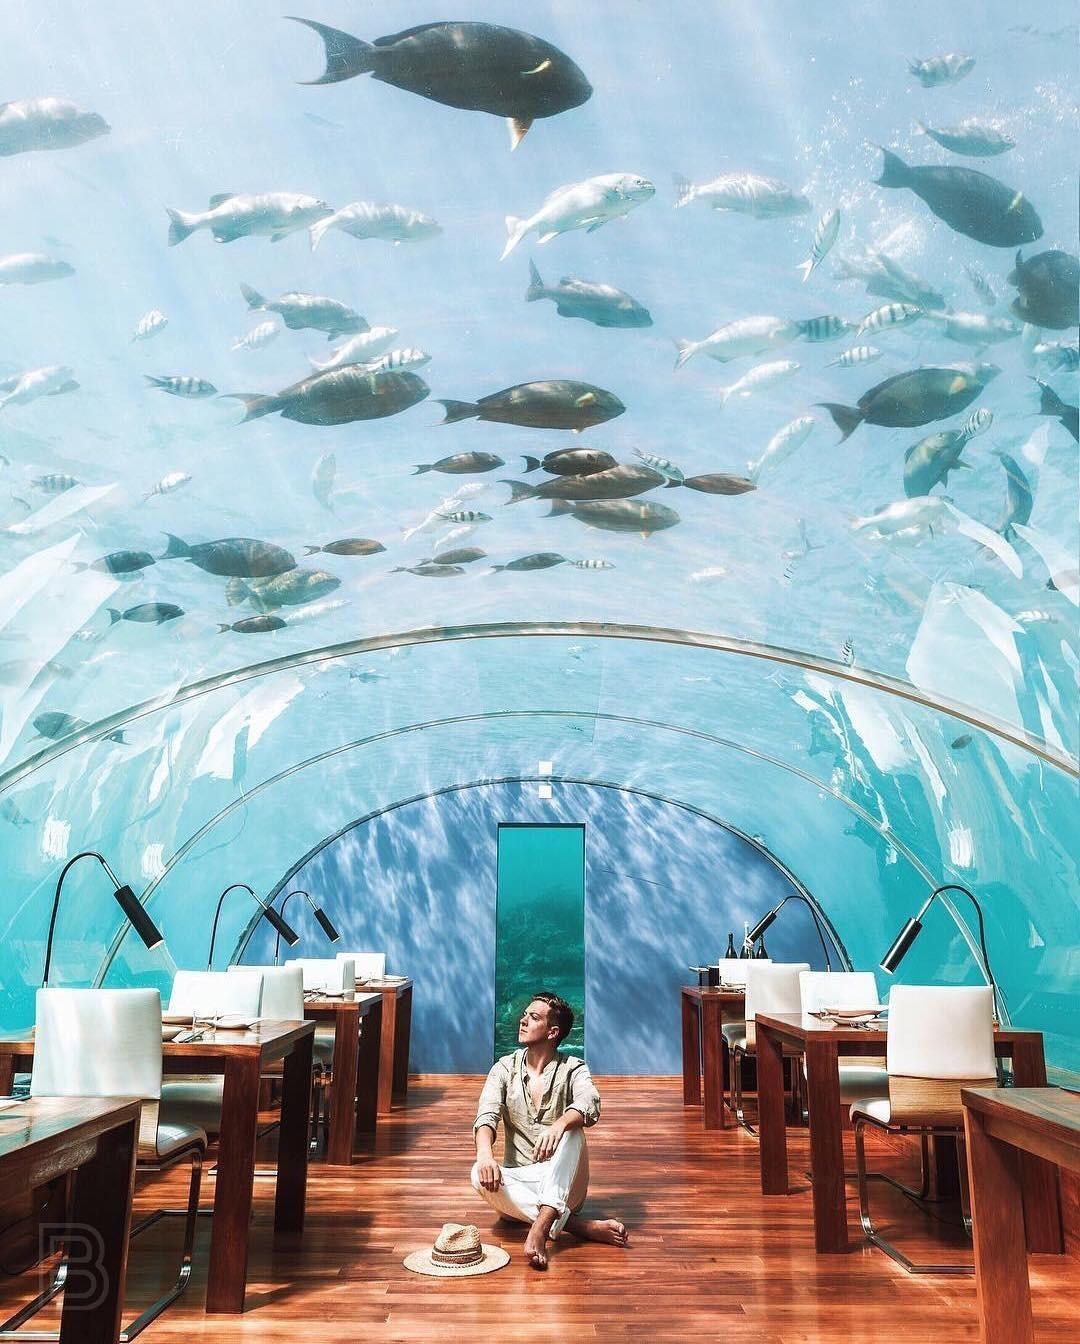 Loá mắt với khách sạn triệu đô dưới đáy biển Ấn Độ Dương mà chỉ giới siêu giàu mới đủ tiền thuê - Ảnh 8.